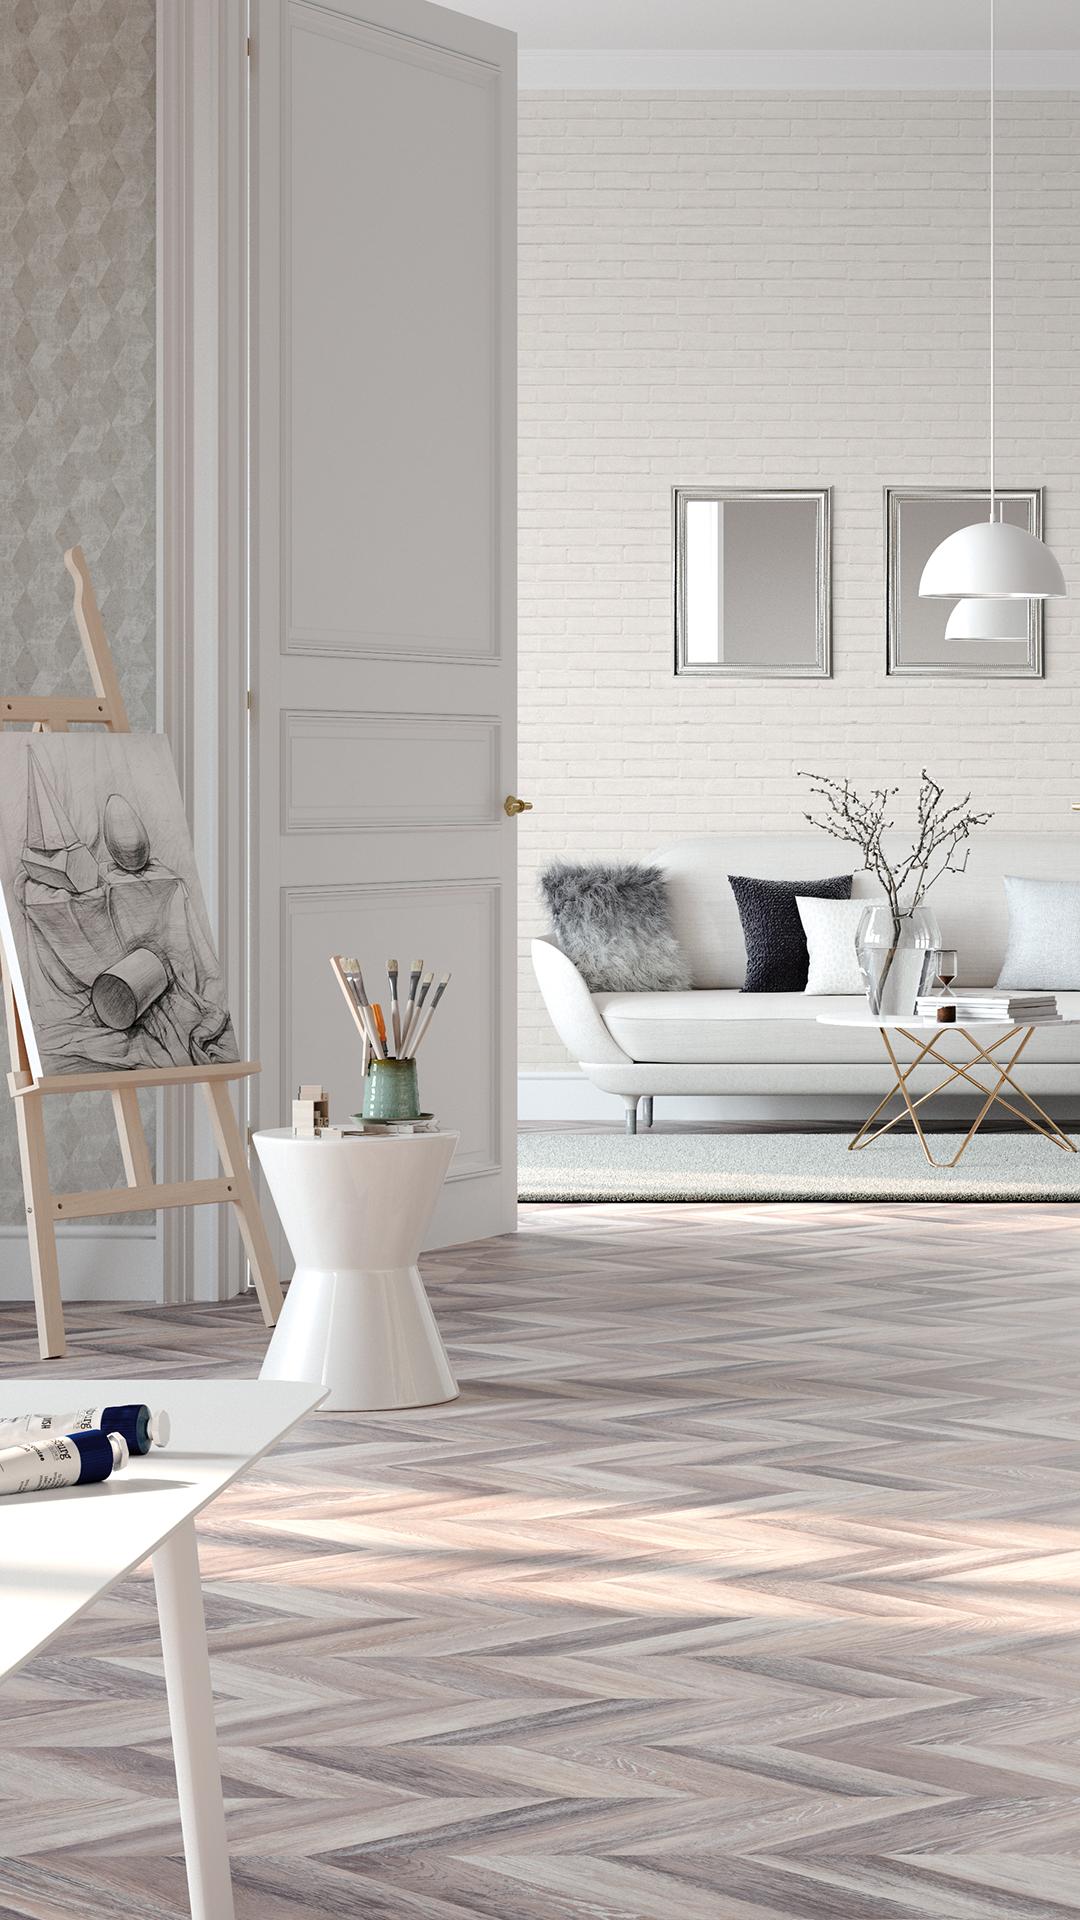 Die Wohnwelt Modern kombiniert werden moderne Elemente wie ...